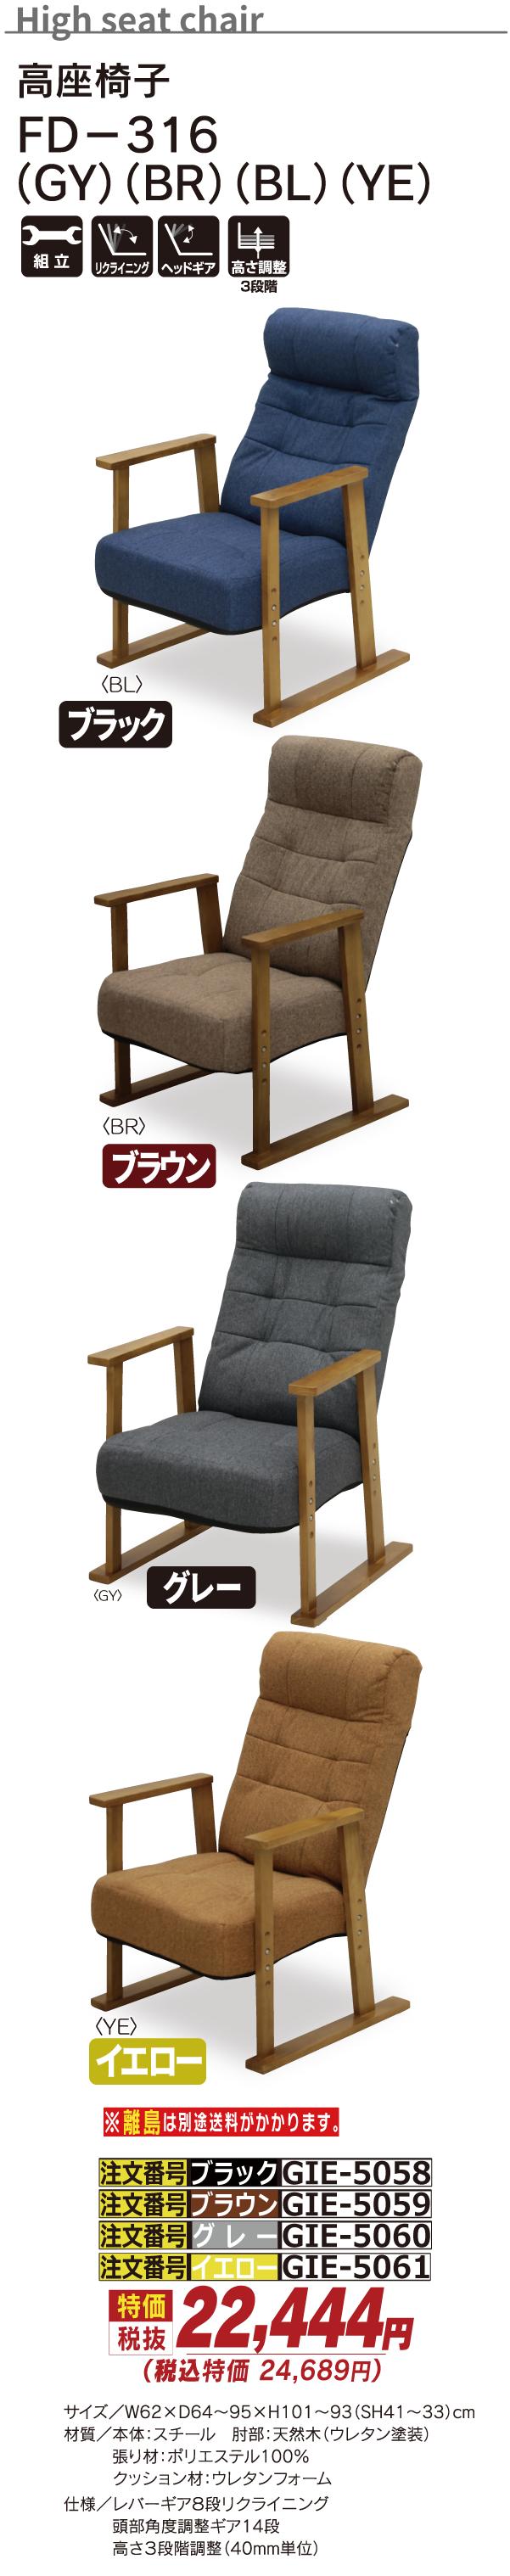 5058_高座椅子_FD-316